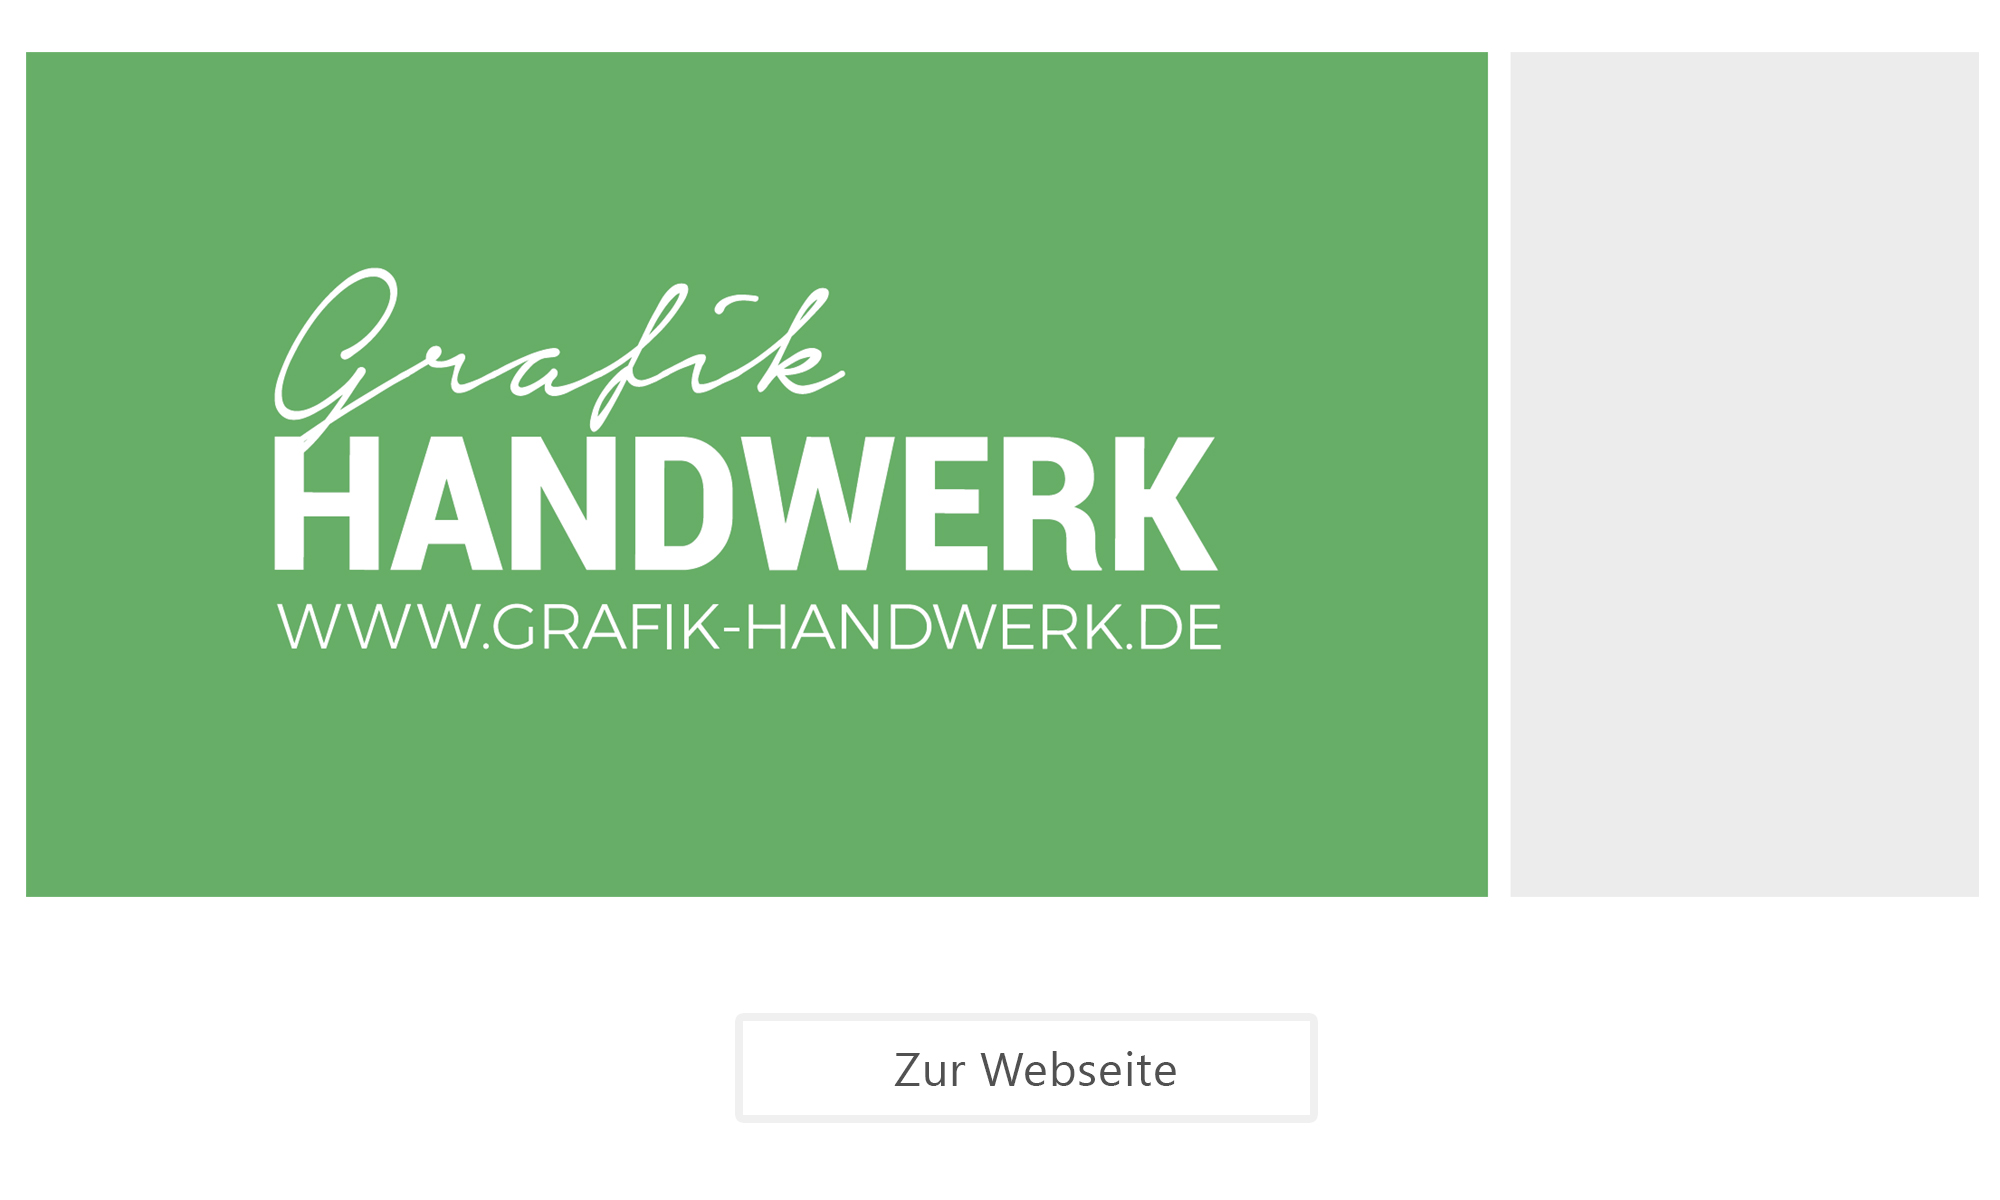 Grafik-Handwerk - Ihr Partner für Printwerbung und Webdesign in Neumünster und Umgebung